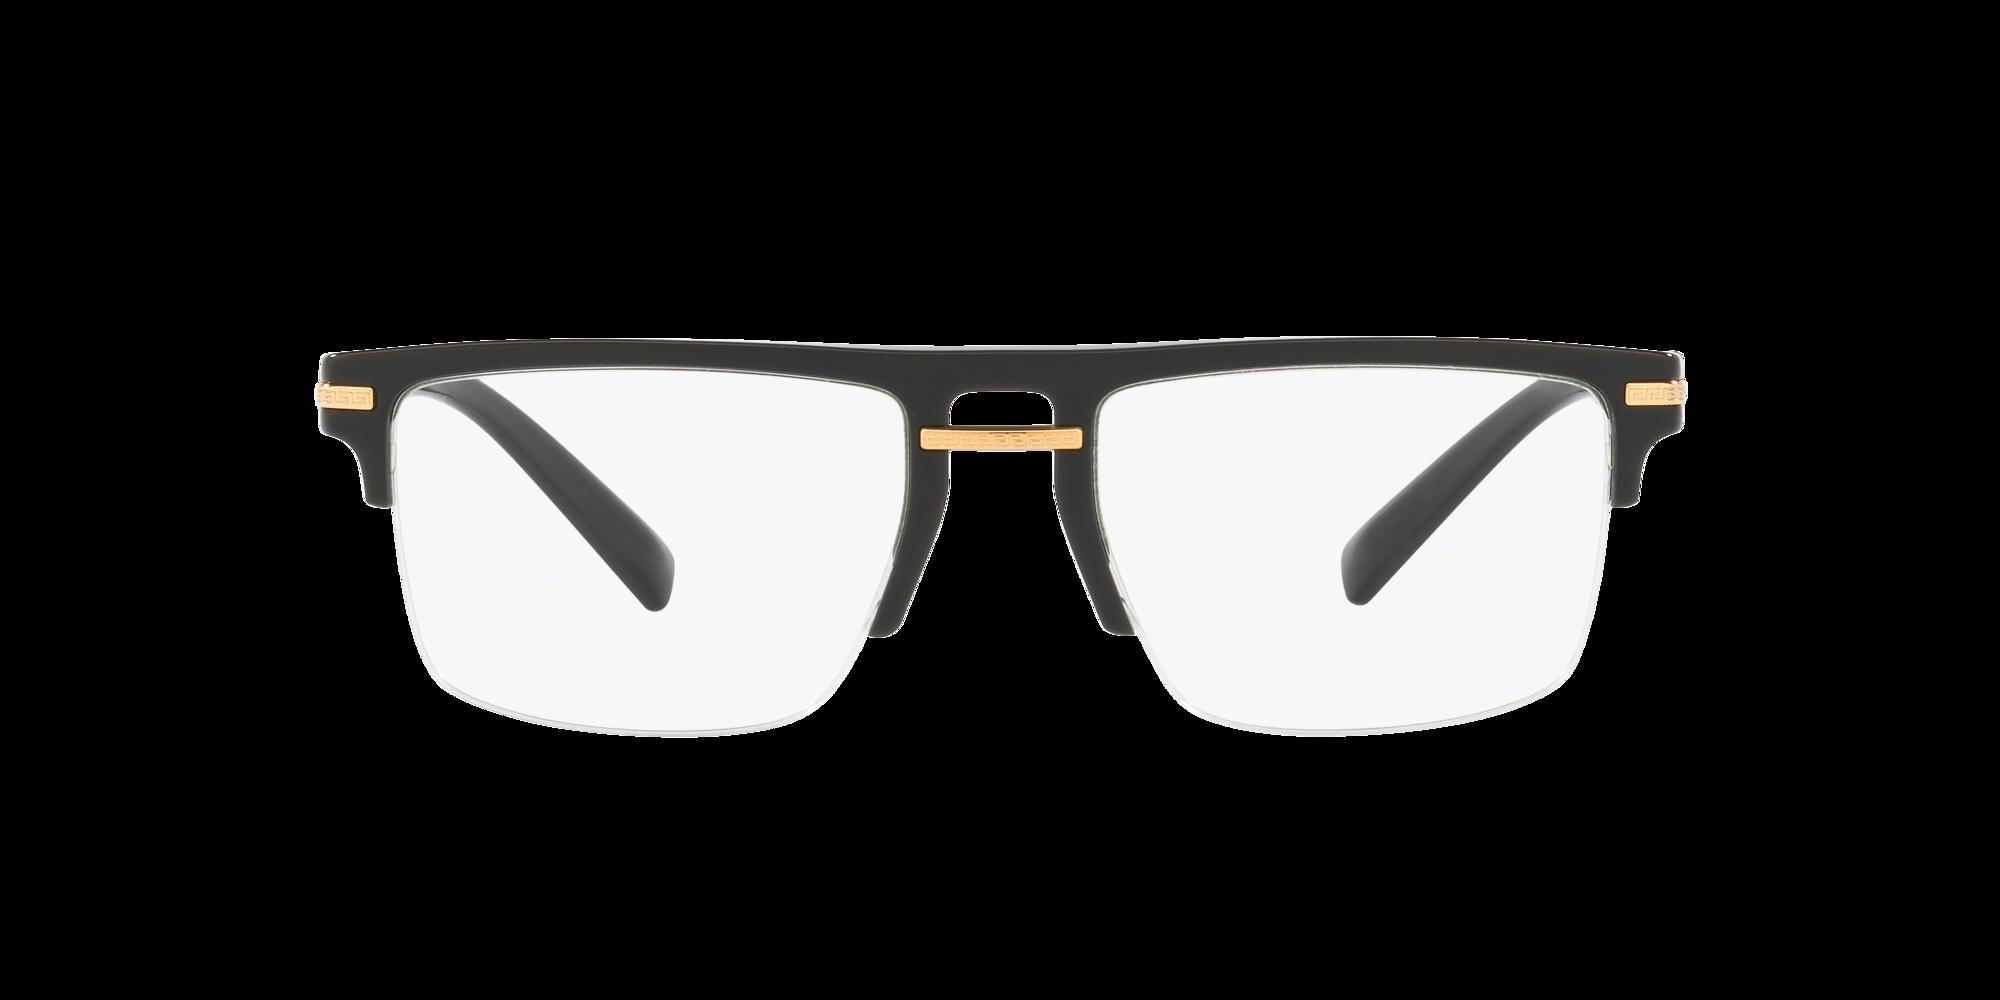 Imagen para VE3269 GRECA AEGIS de LensCrafters |  Espejuelos, espejuelos graduados en línea, gafas